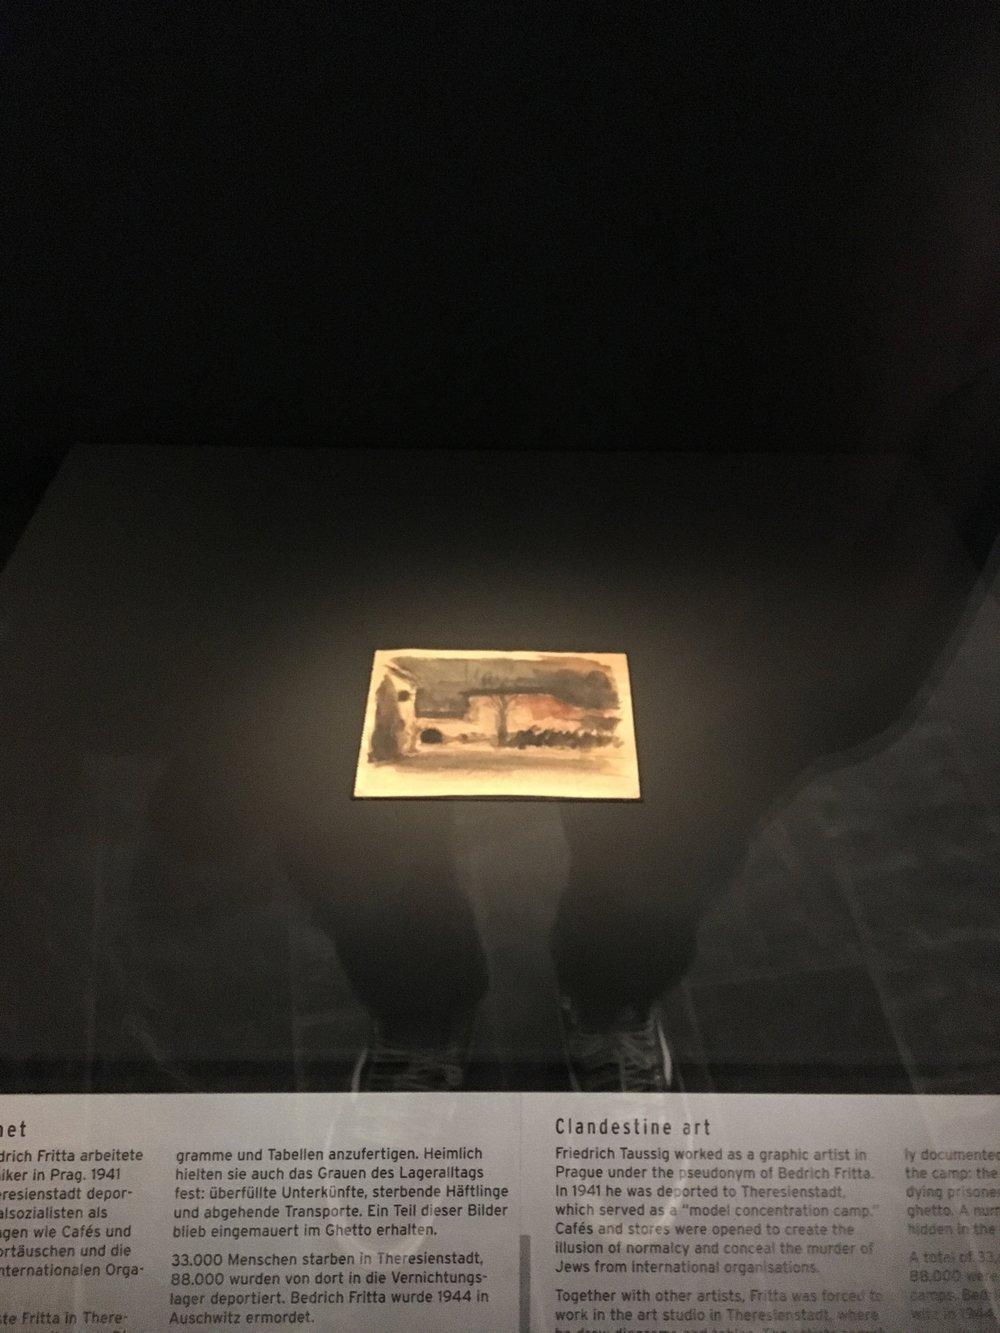 Dette var en av mange historier som rørte meg. Den grafiske designeren Friedrich Taussig ble tvunget til å tegne div dokumenter for Tyskerne, men i det skjulte malte han små malerier av konsentrasjonsleiren han satt i og gjemte maleriene i veggene. Det lille maleriet i bildet er av en forbrenningsovn. :(